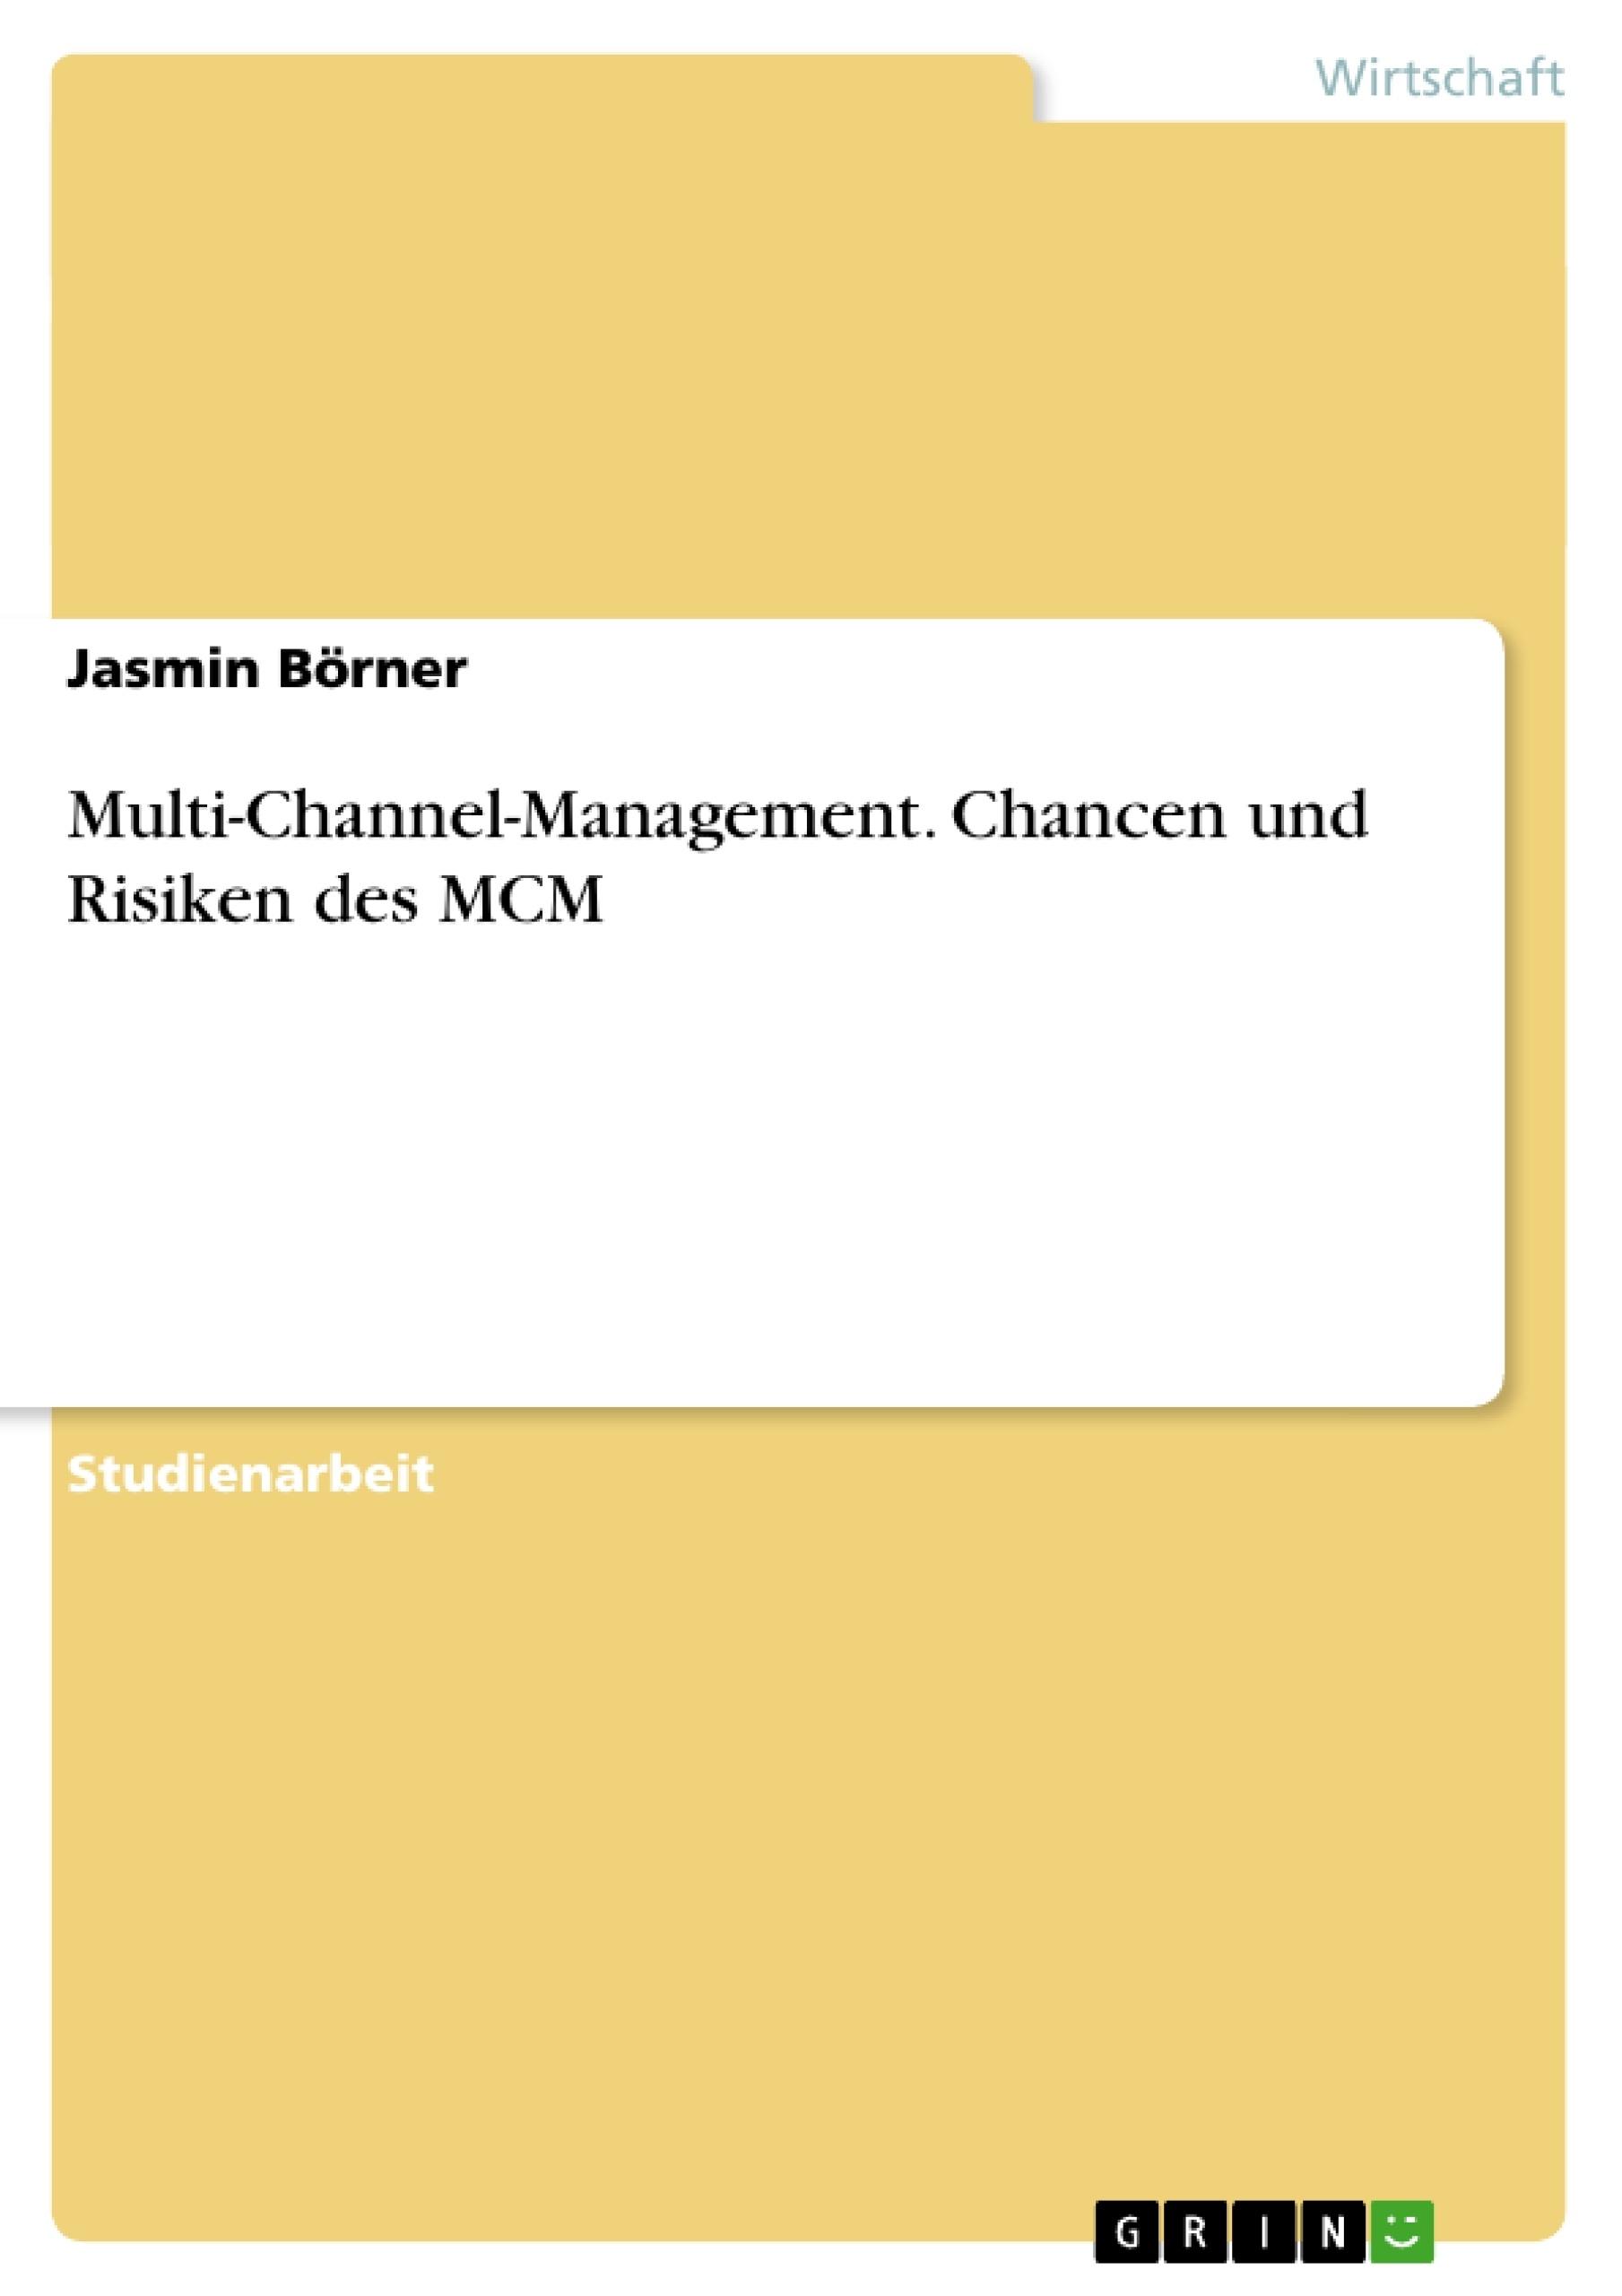 Titel: Multi-Channel-Management. Chancen und Risiken des MCM